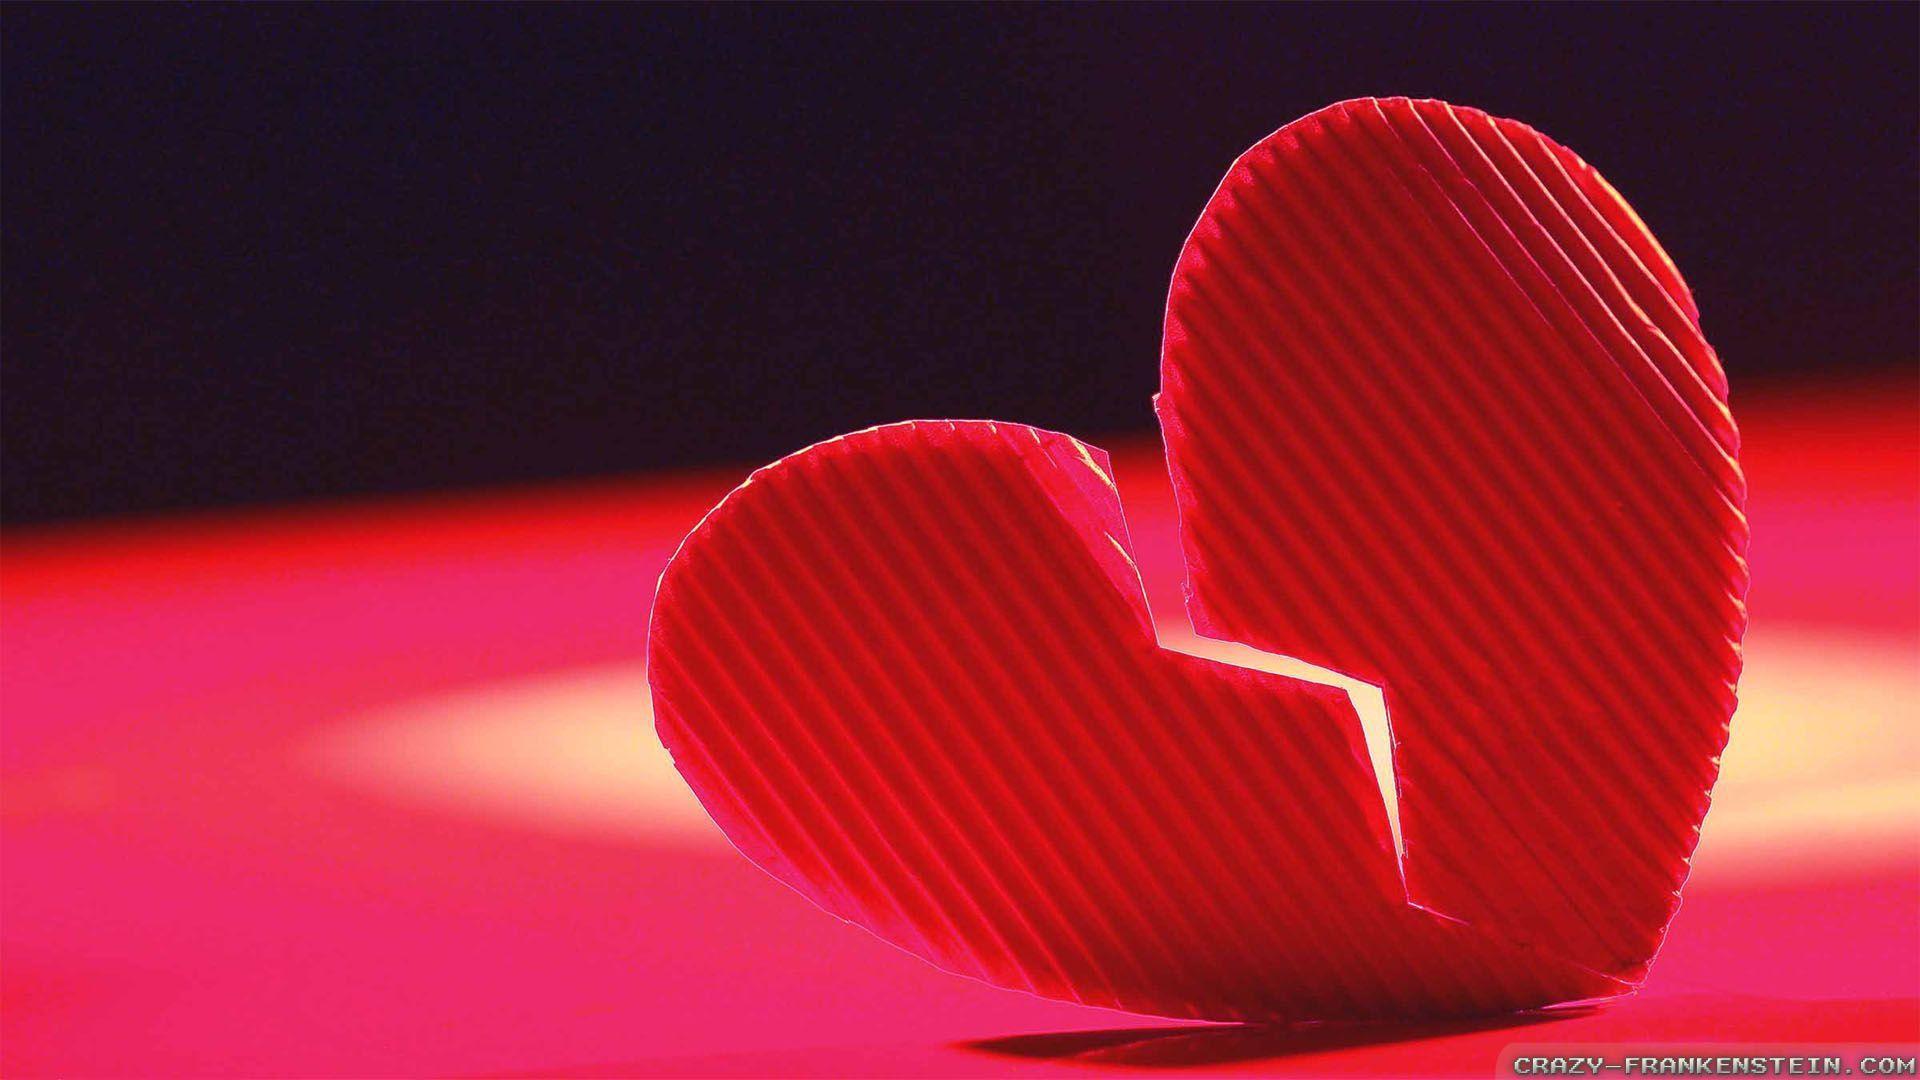 Broken heart wallpapers wallpaper cave - Best heart wallpaper hd ...